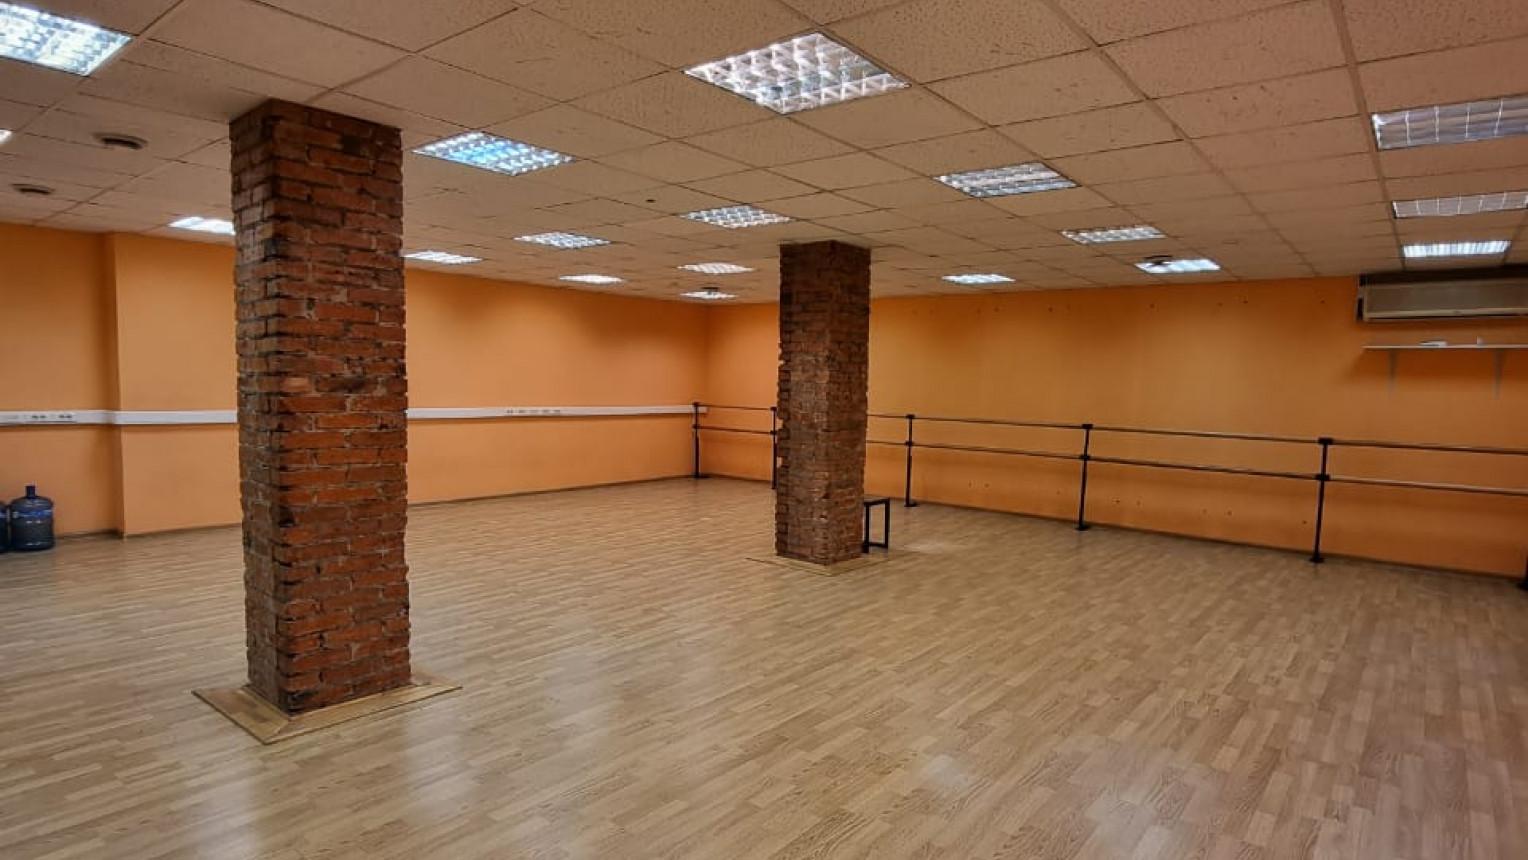 Зал для танцев и йоги - фото №1